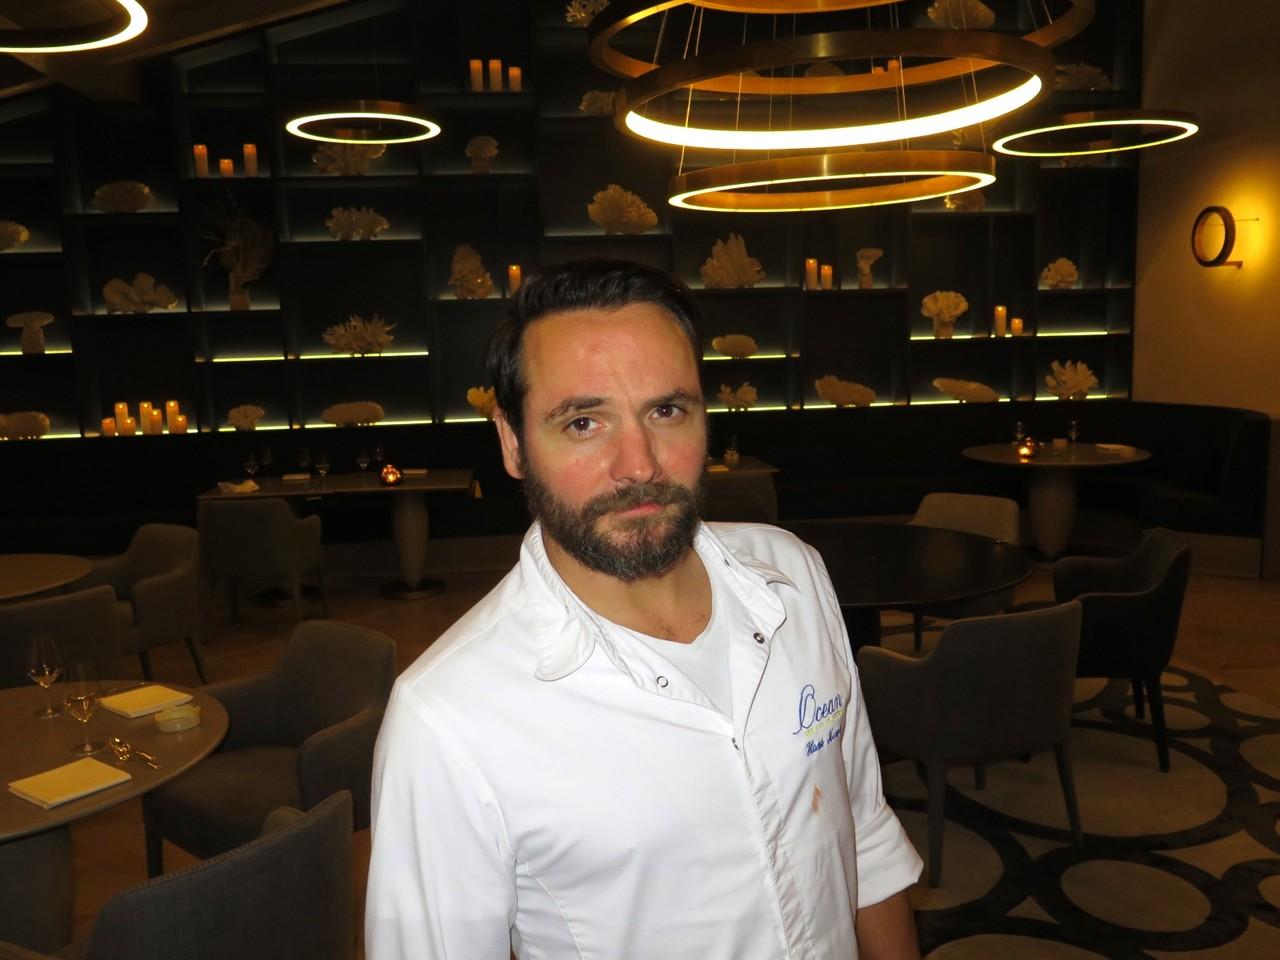 Hans Neuner na renovada sala de jantar do OCEAN